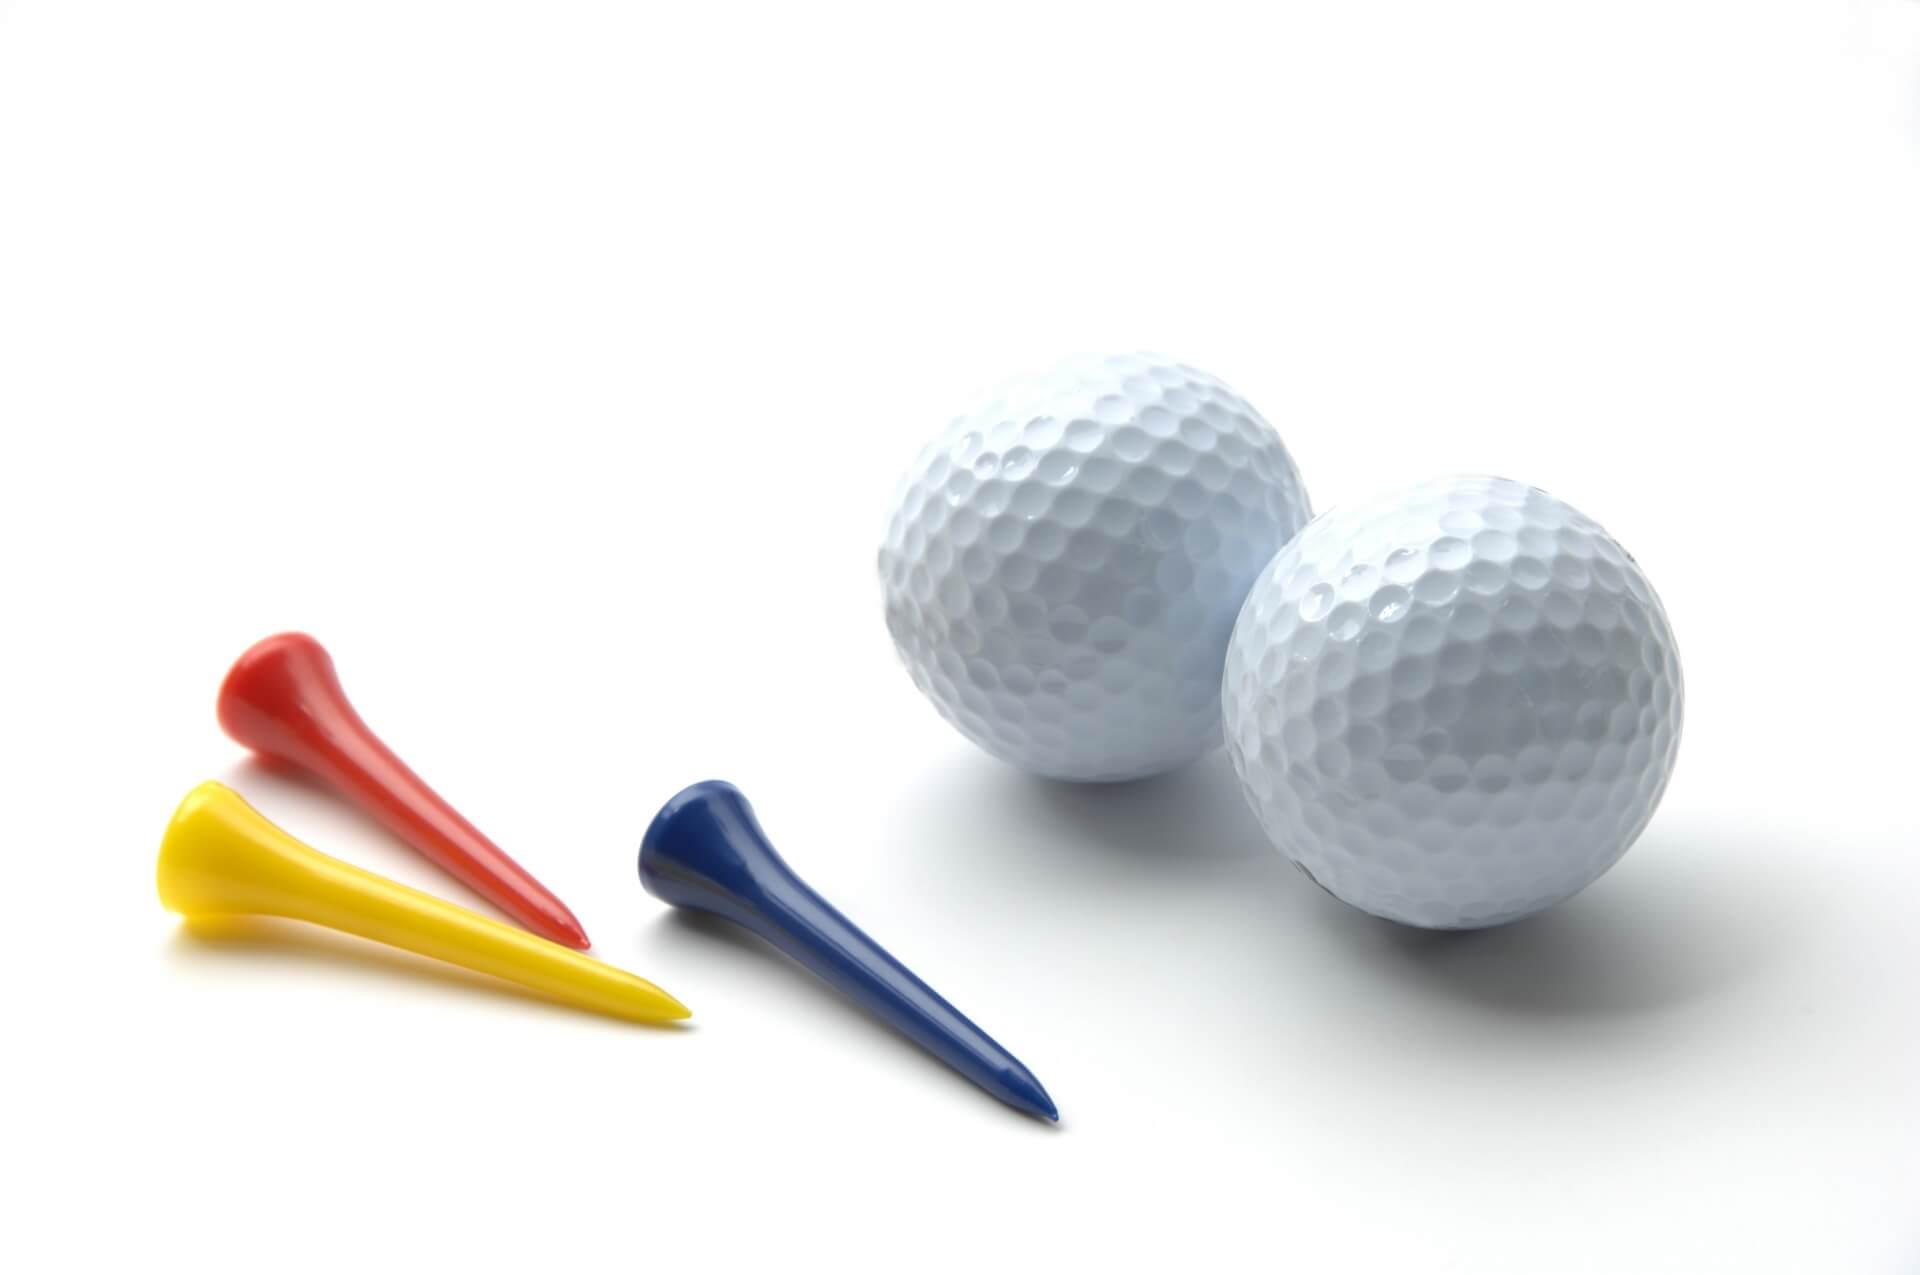 ゴルフのスコアカードの書き方(初心者向けにわかりやすく解説します)